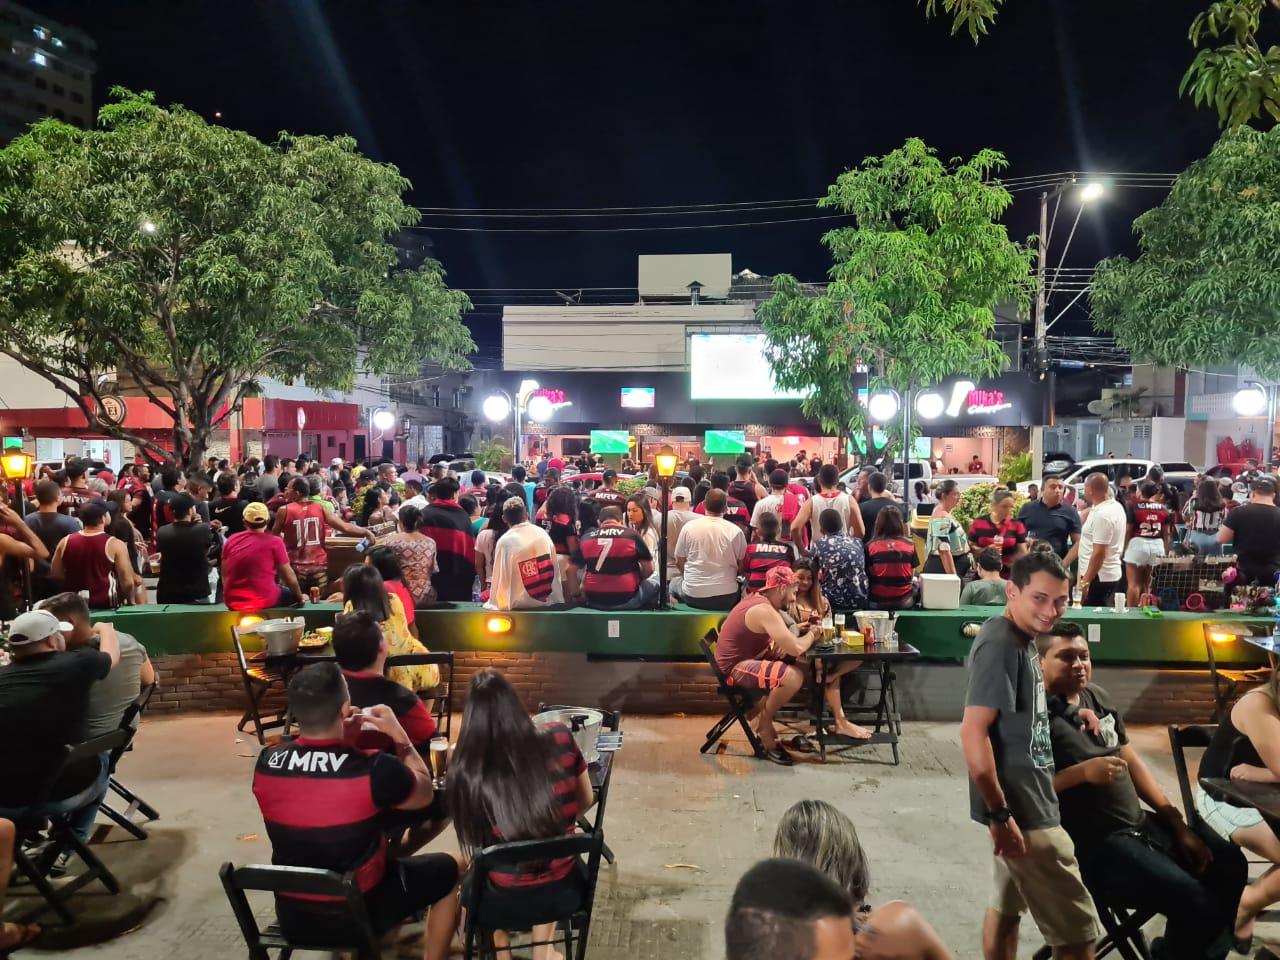 Urgente: polícia começa a fechar bares na praça do Eldorado